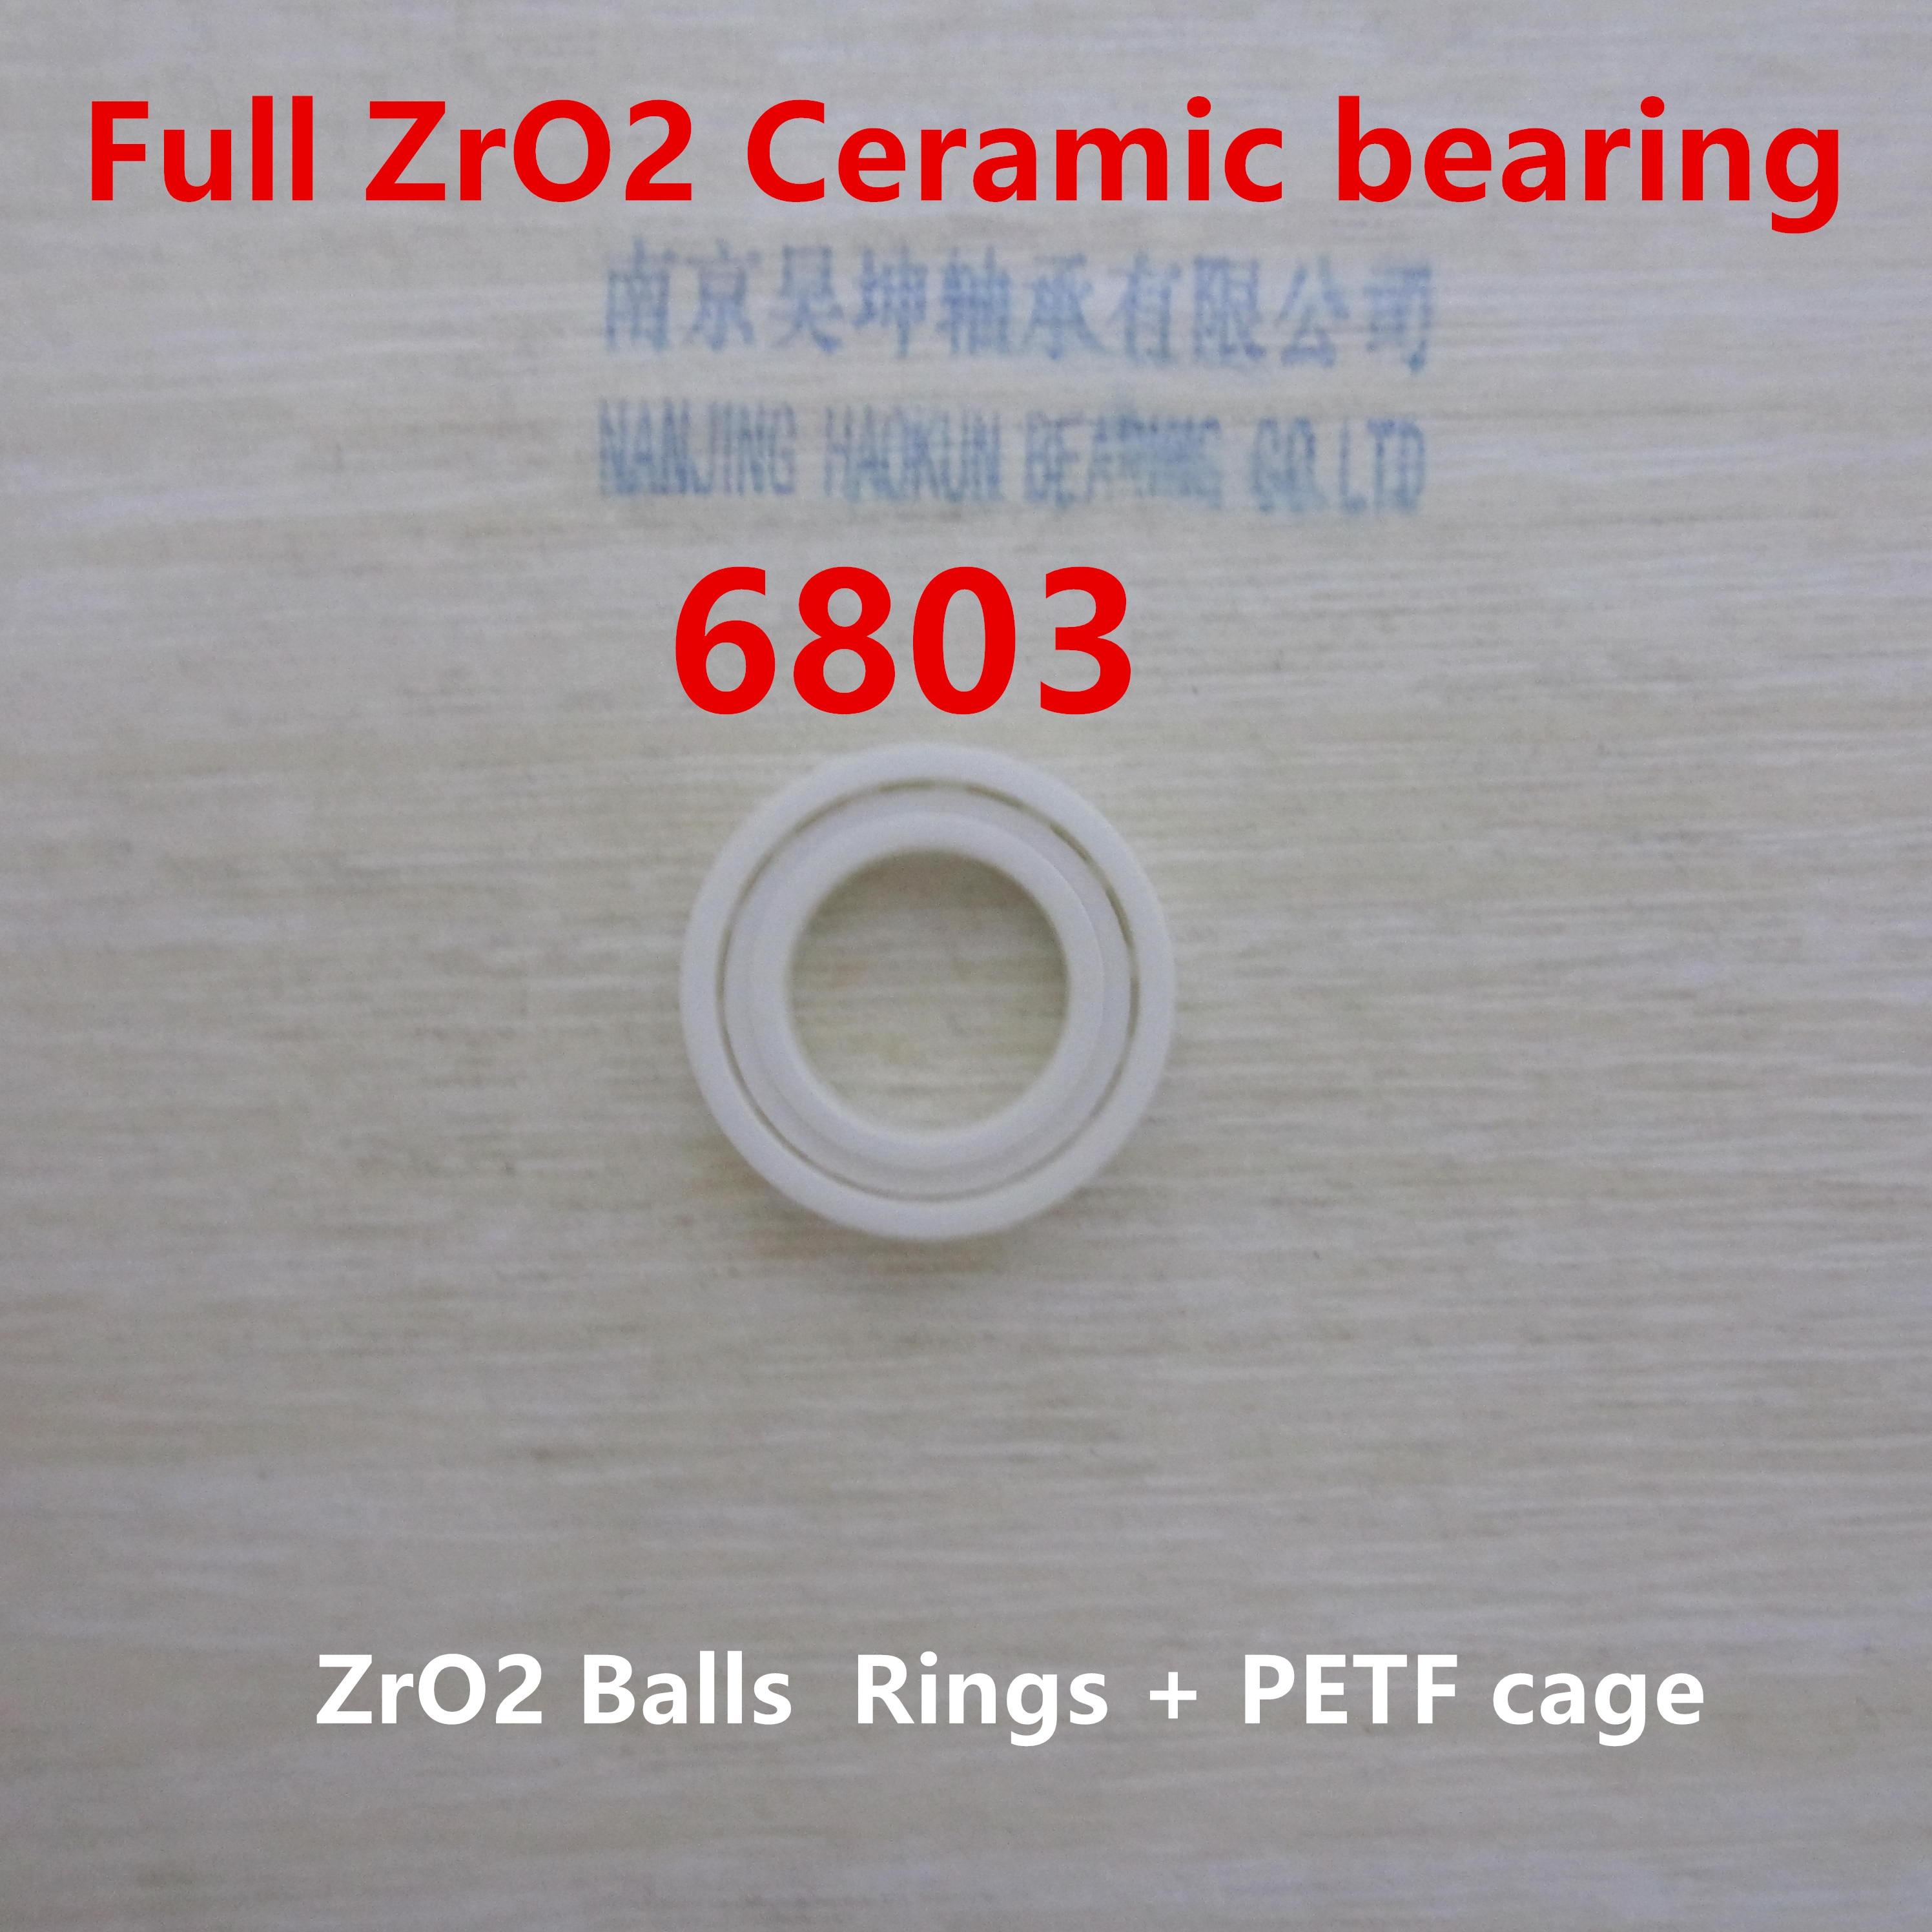 Ceramic bearing 6803 / 61803 17*26*5mm Full ZRO2 Ceramic material ceramic wheel hub bearing zro2 15267 15 26 7mm 15267 full zro2 ceramic bearing